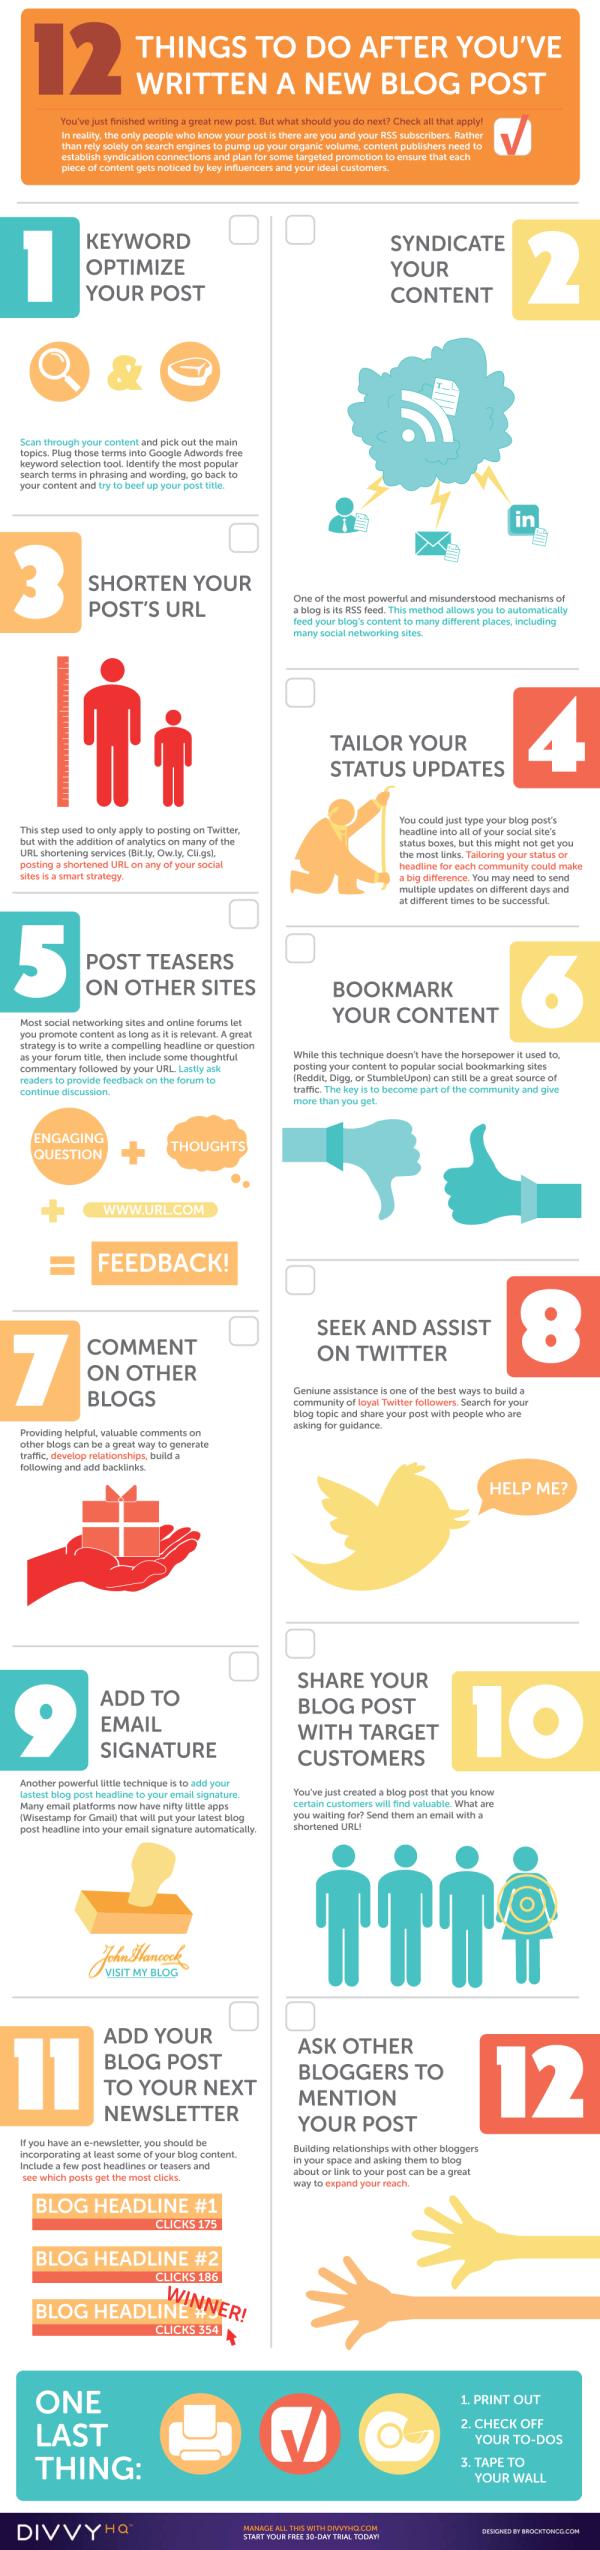 Sichtbarkeit des eigenen Blogbeitrags verbessern